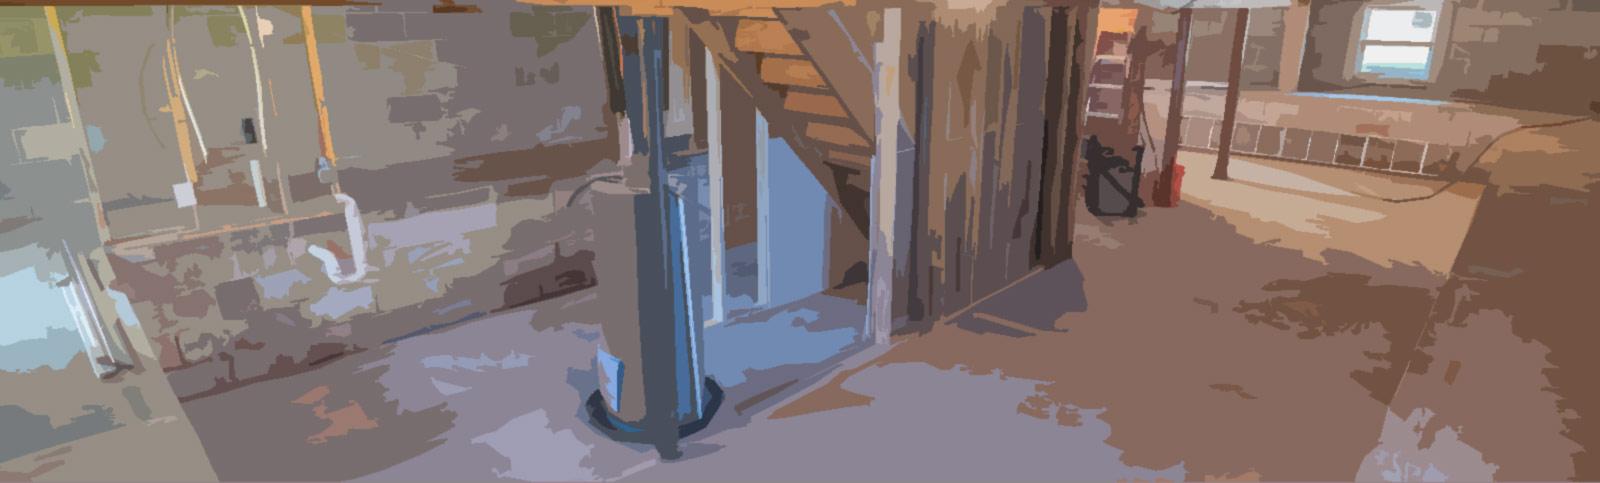 Basement Renovation & Finishing Ideas